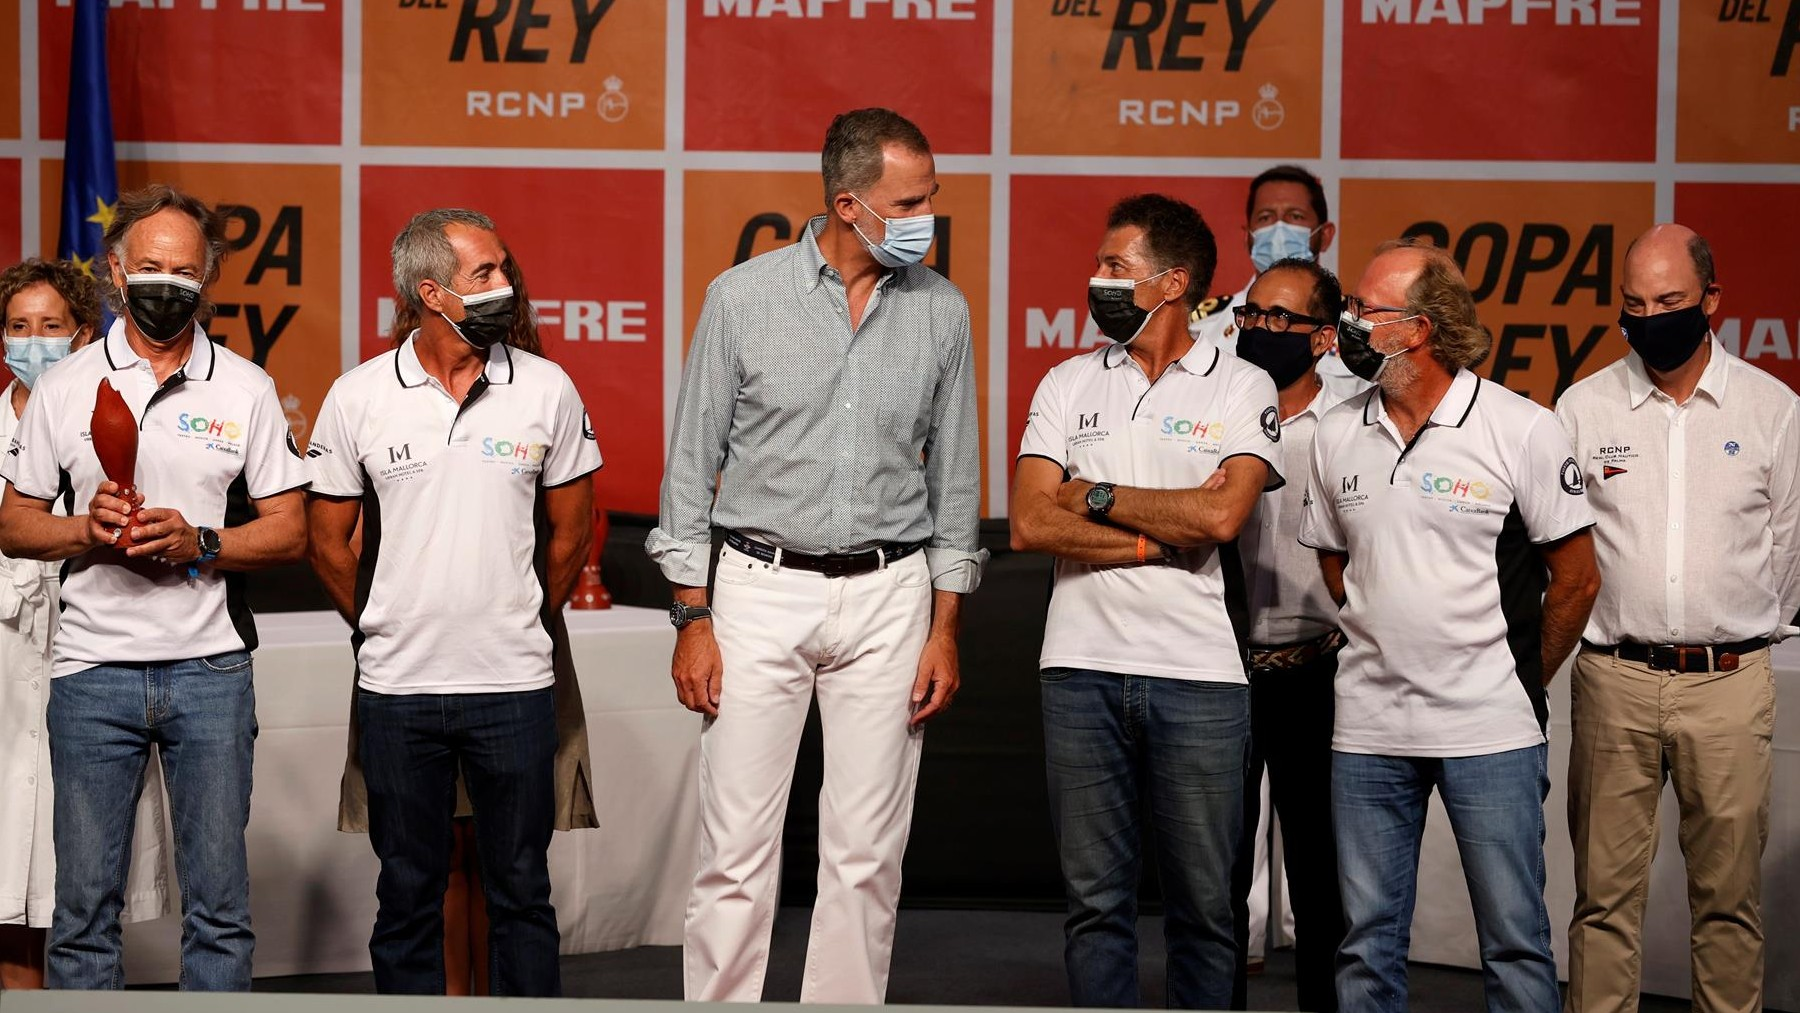 El rey Felipe VI (d) durante la entrega de premios de la Copa del Rey Mapfre de Vela este sábado en el Real Club Náutico de Palma. Foto: EFE